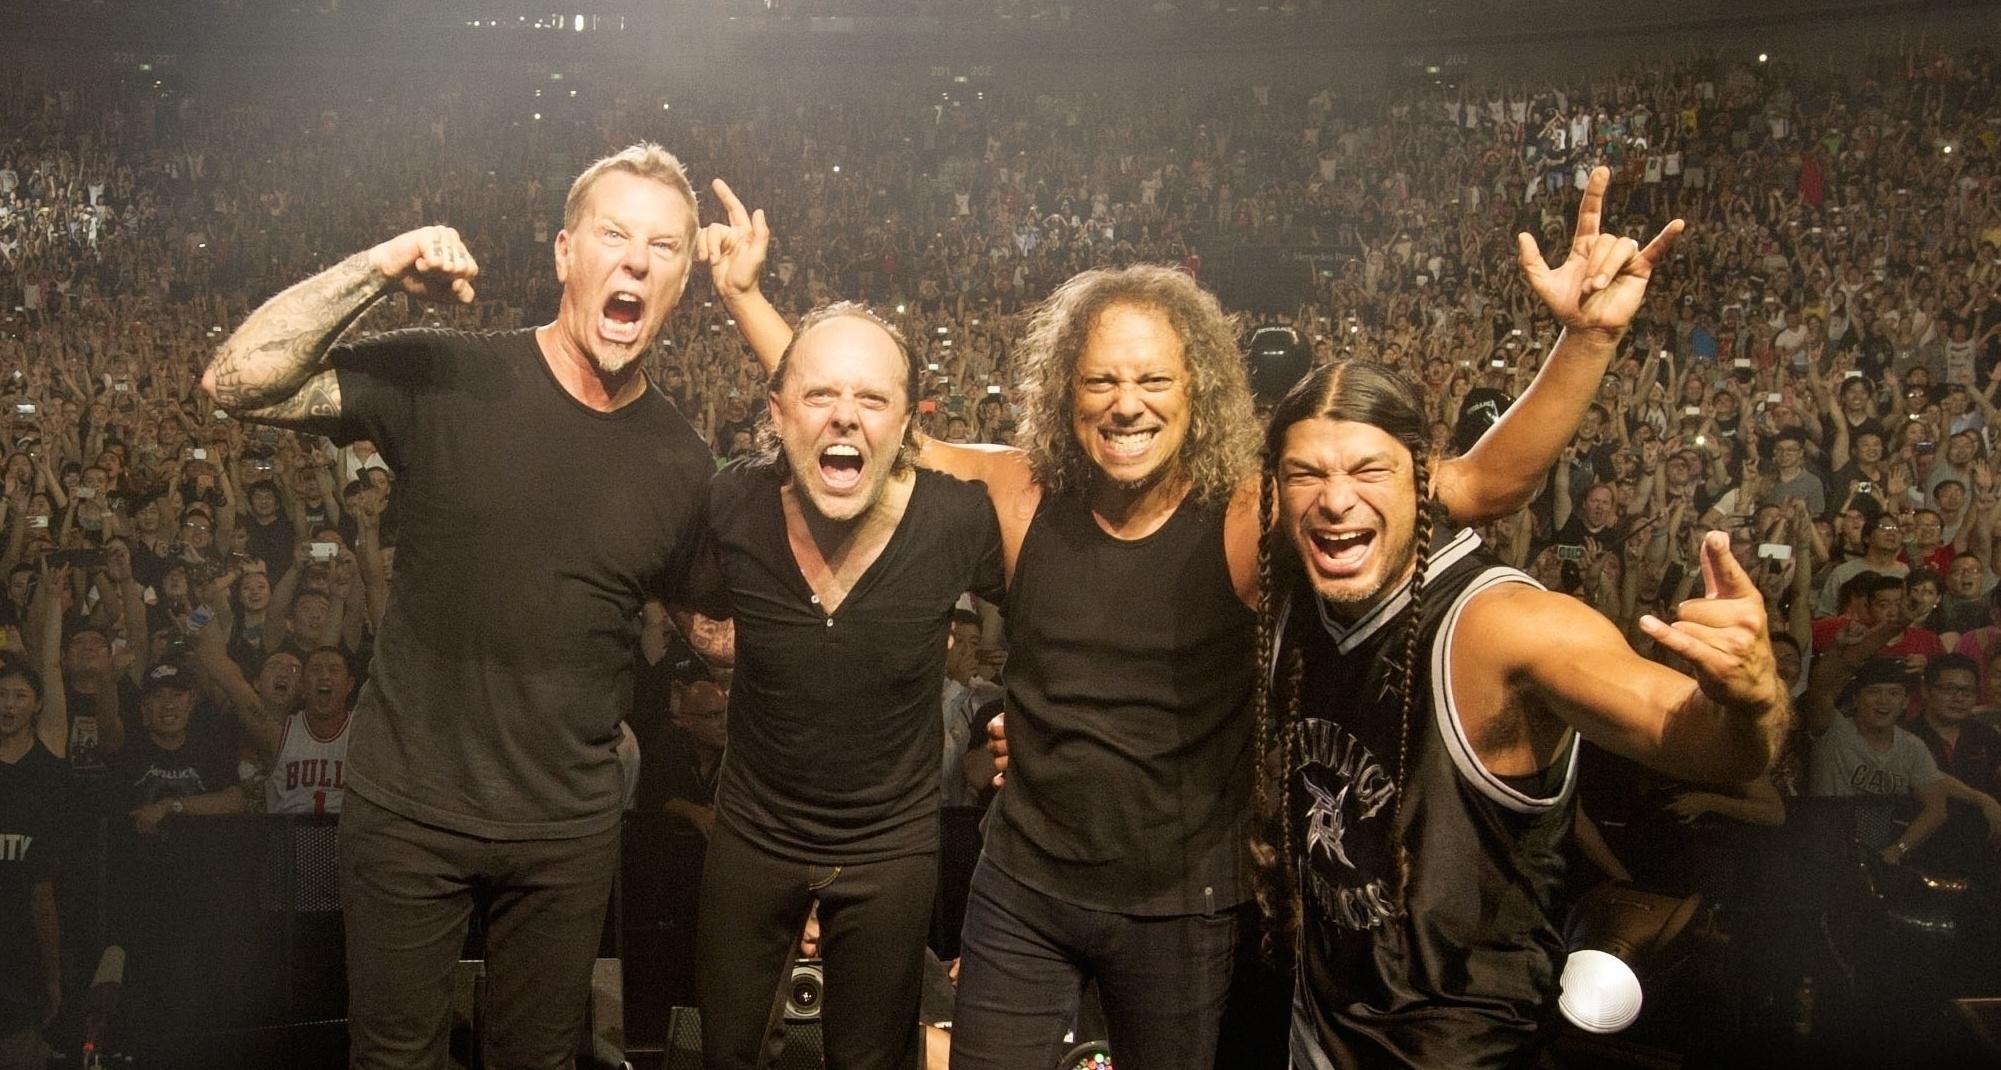 Elképesztő videó: az összes Metallica dal 4 percbe sűrítve